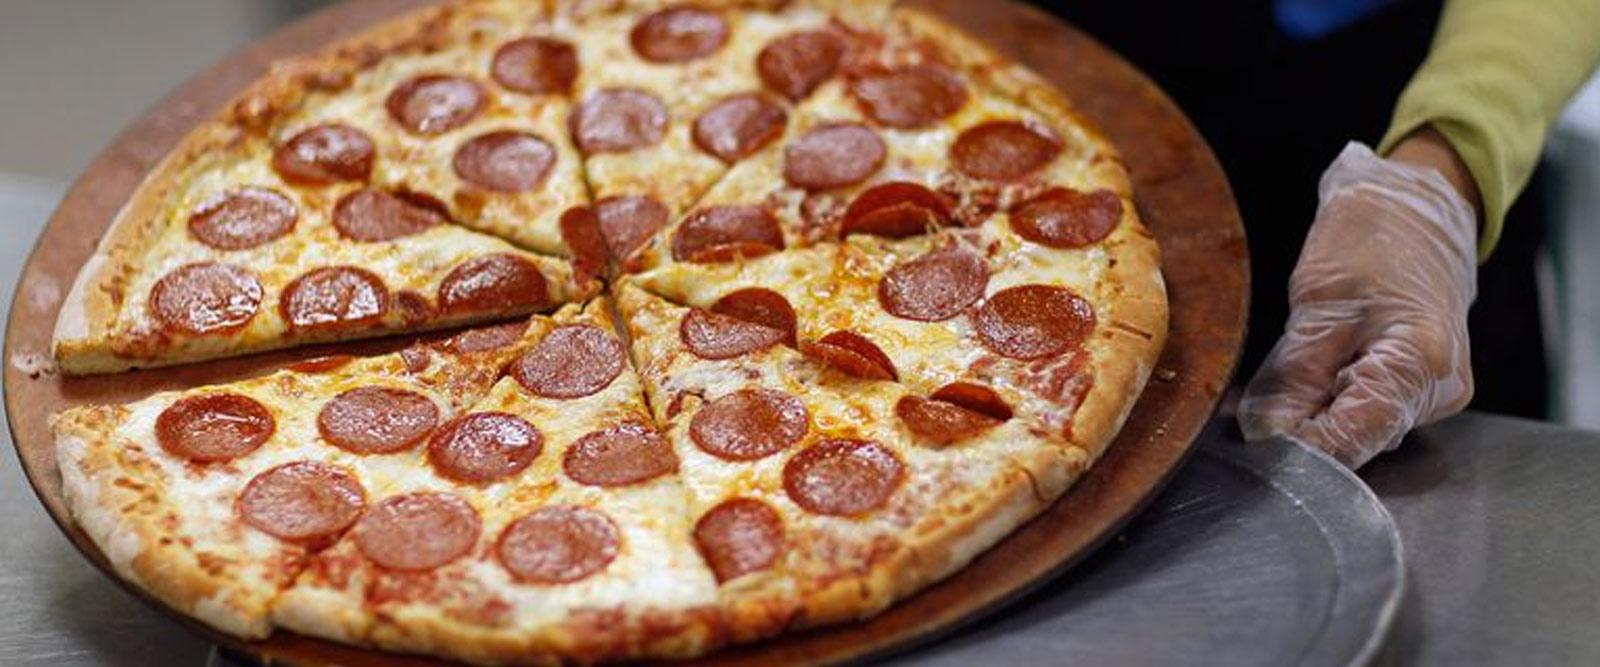 Little Pizza King Banner